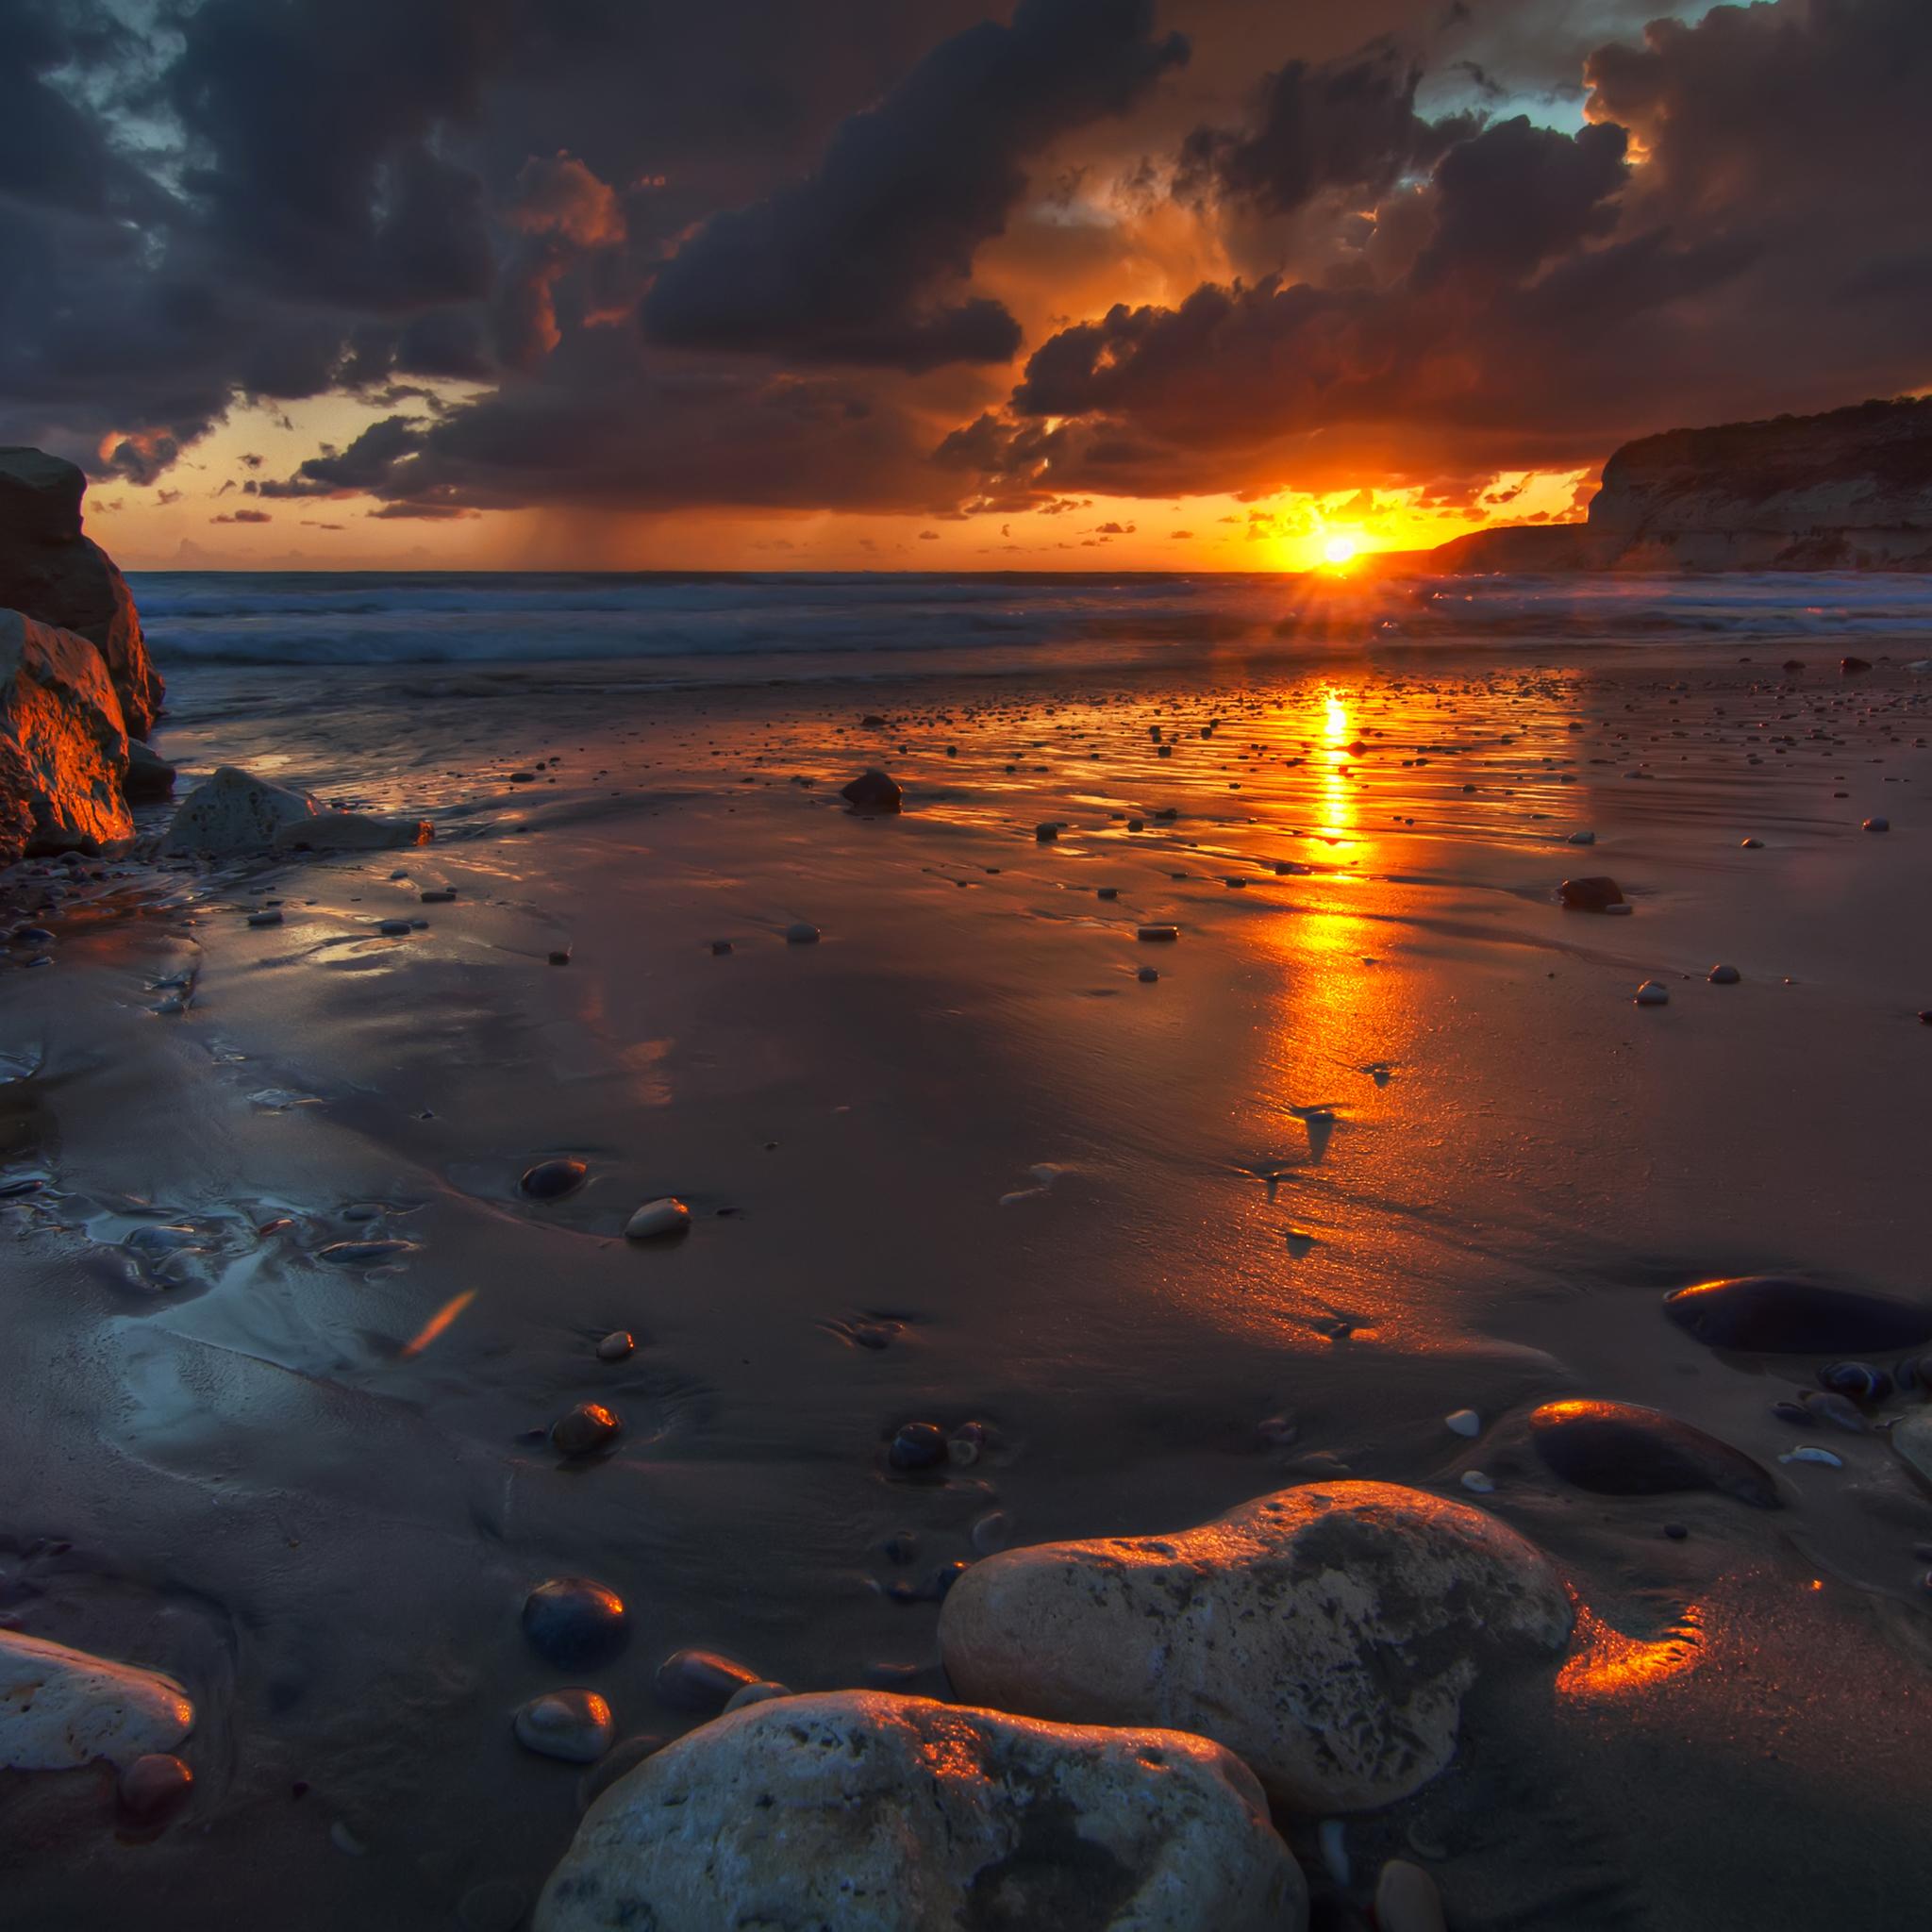 берег волна закат сумерки скачать